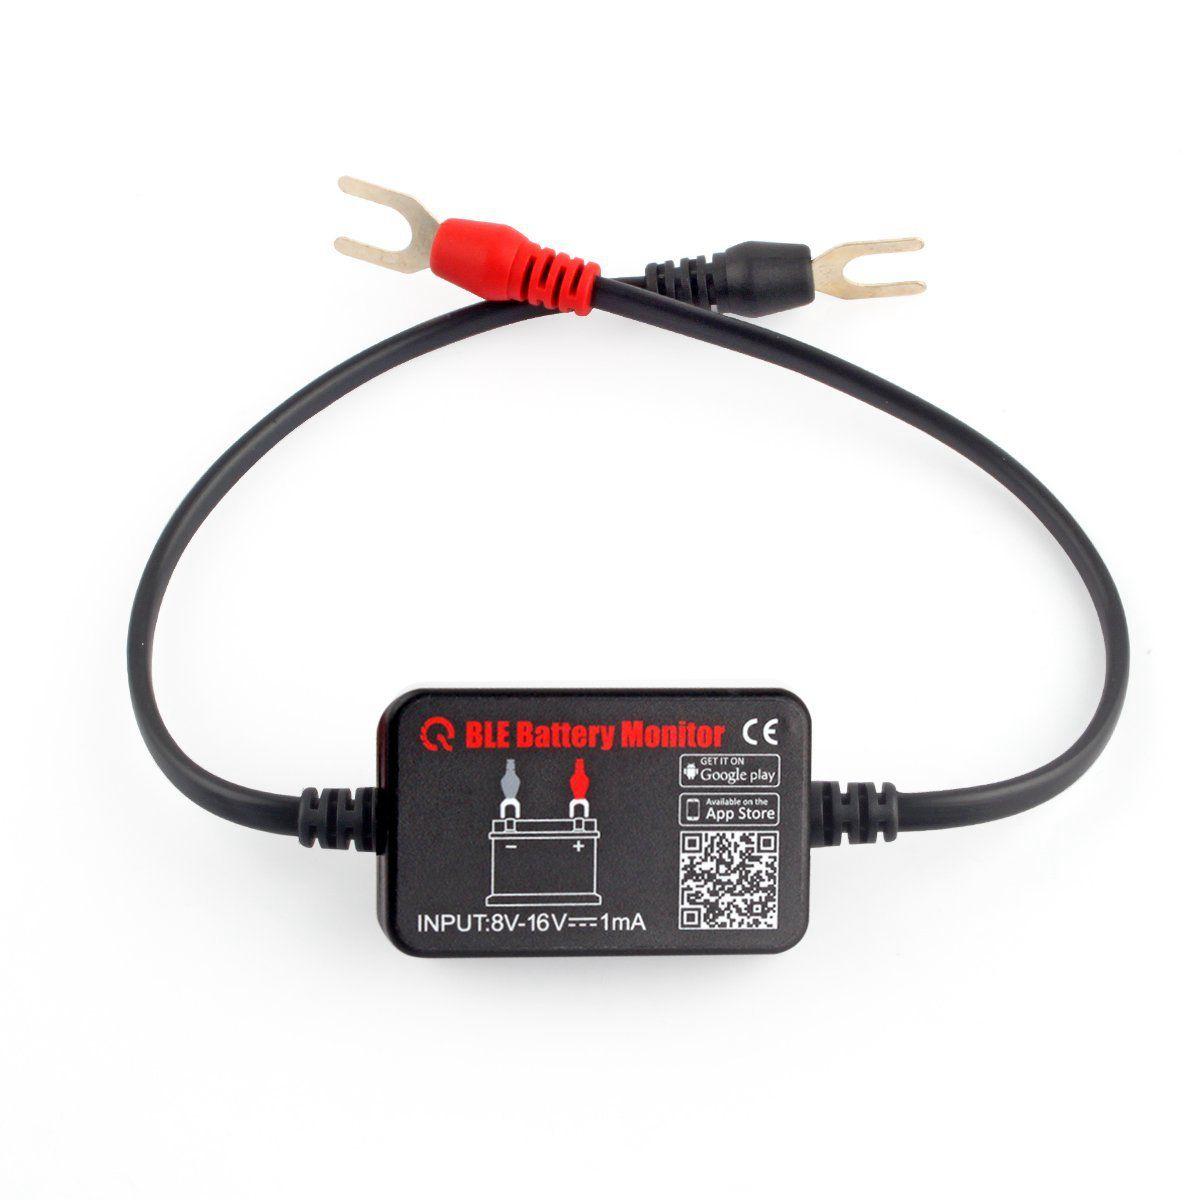 Probador de batería de coche inalámbrico BM2 para automóvil, probador de carga de batería de 12V Bluetooth 4,0, voltaje de batería, sistema de carga y manivela